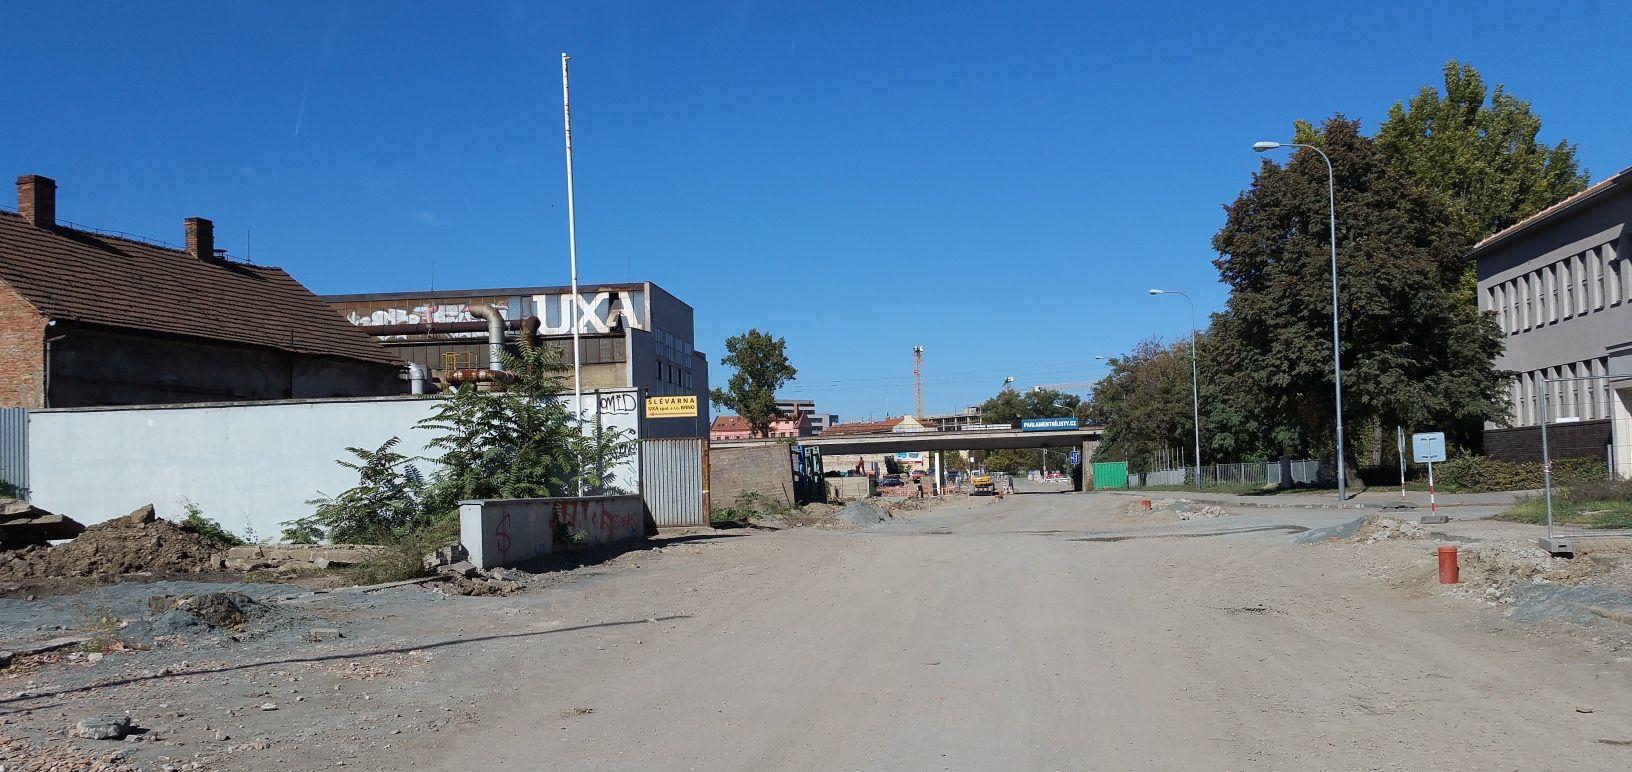 Dornych v neděli 30.září 2018. Vlevo slévárna UXA. Její čelní zeď již byla před lety posunuta.  Vlevo ústí z ulice Kovářská - stromy jsou pokáceny, ulice rozšířena a mnohé domy jsou opravené.